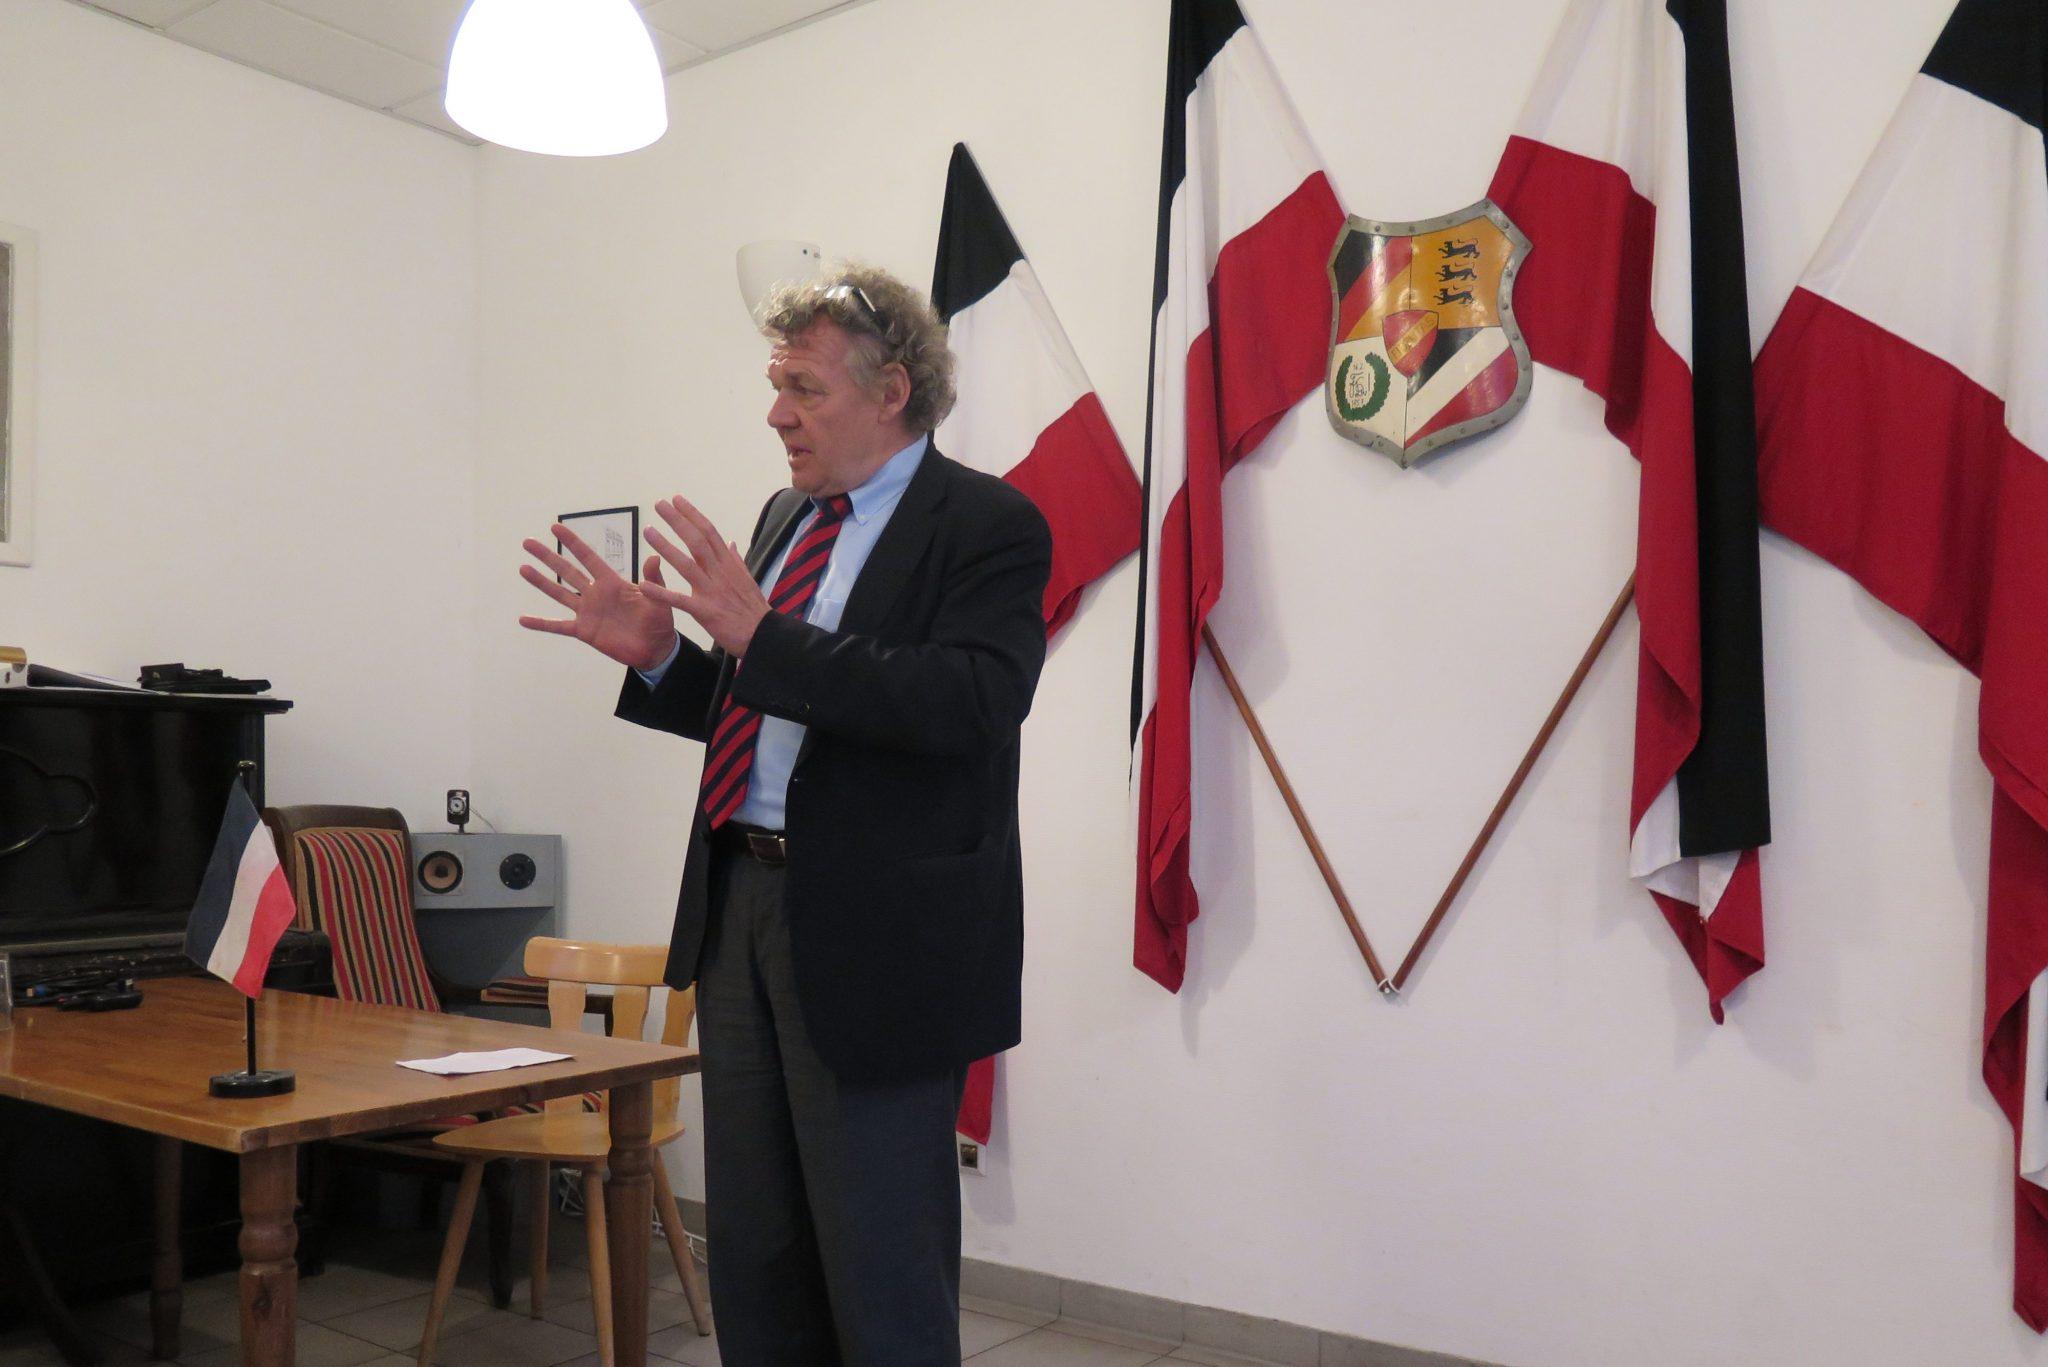 Ethik als Politik – ein Vortrag von Prof. Dr. Schütt